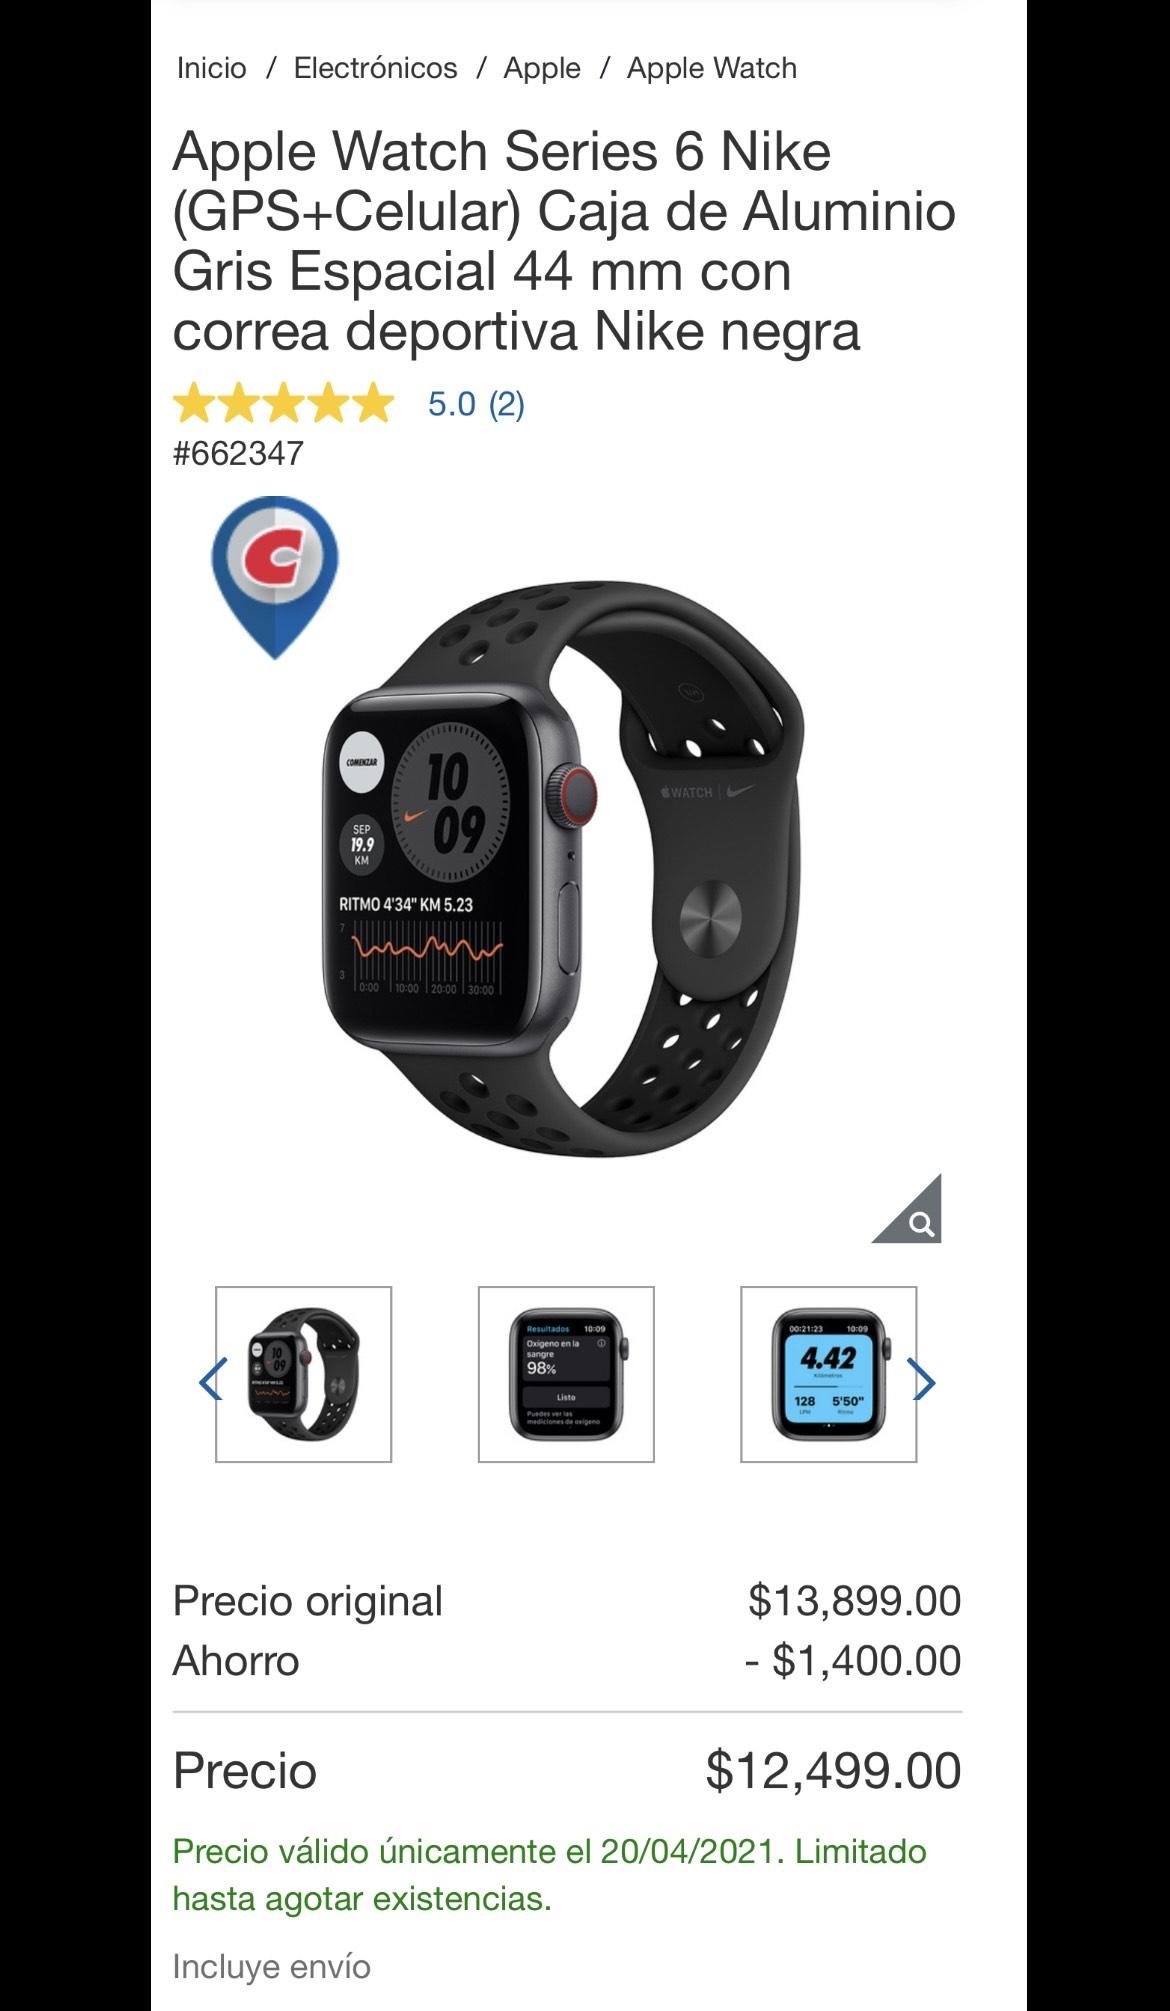 Costco: Apple Watch Series 6 Nike (GPS+Celular) Caja de Aluminio Gris Espacial 44 mm con correa deportiva Nike negra